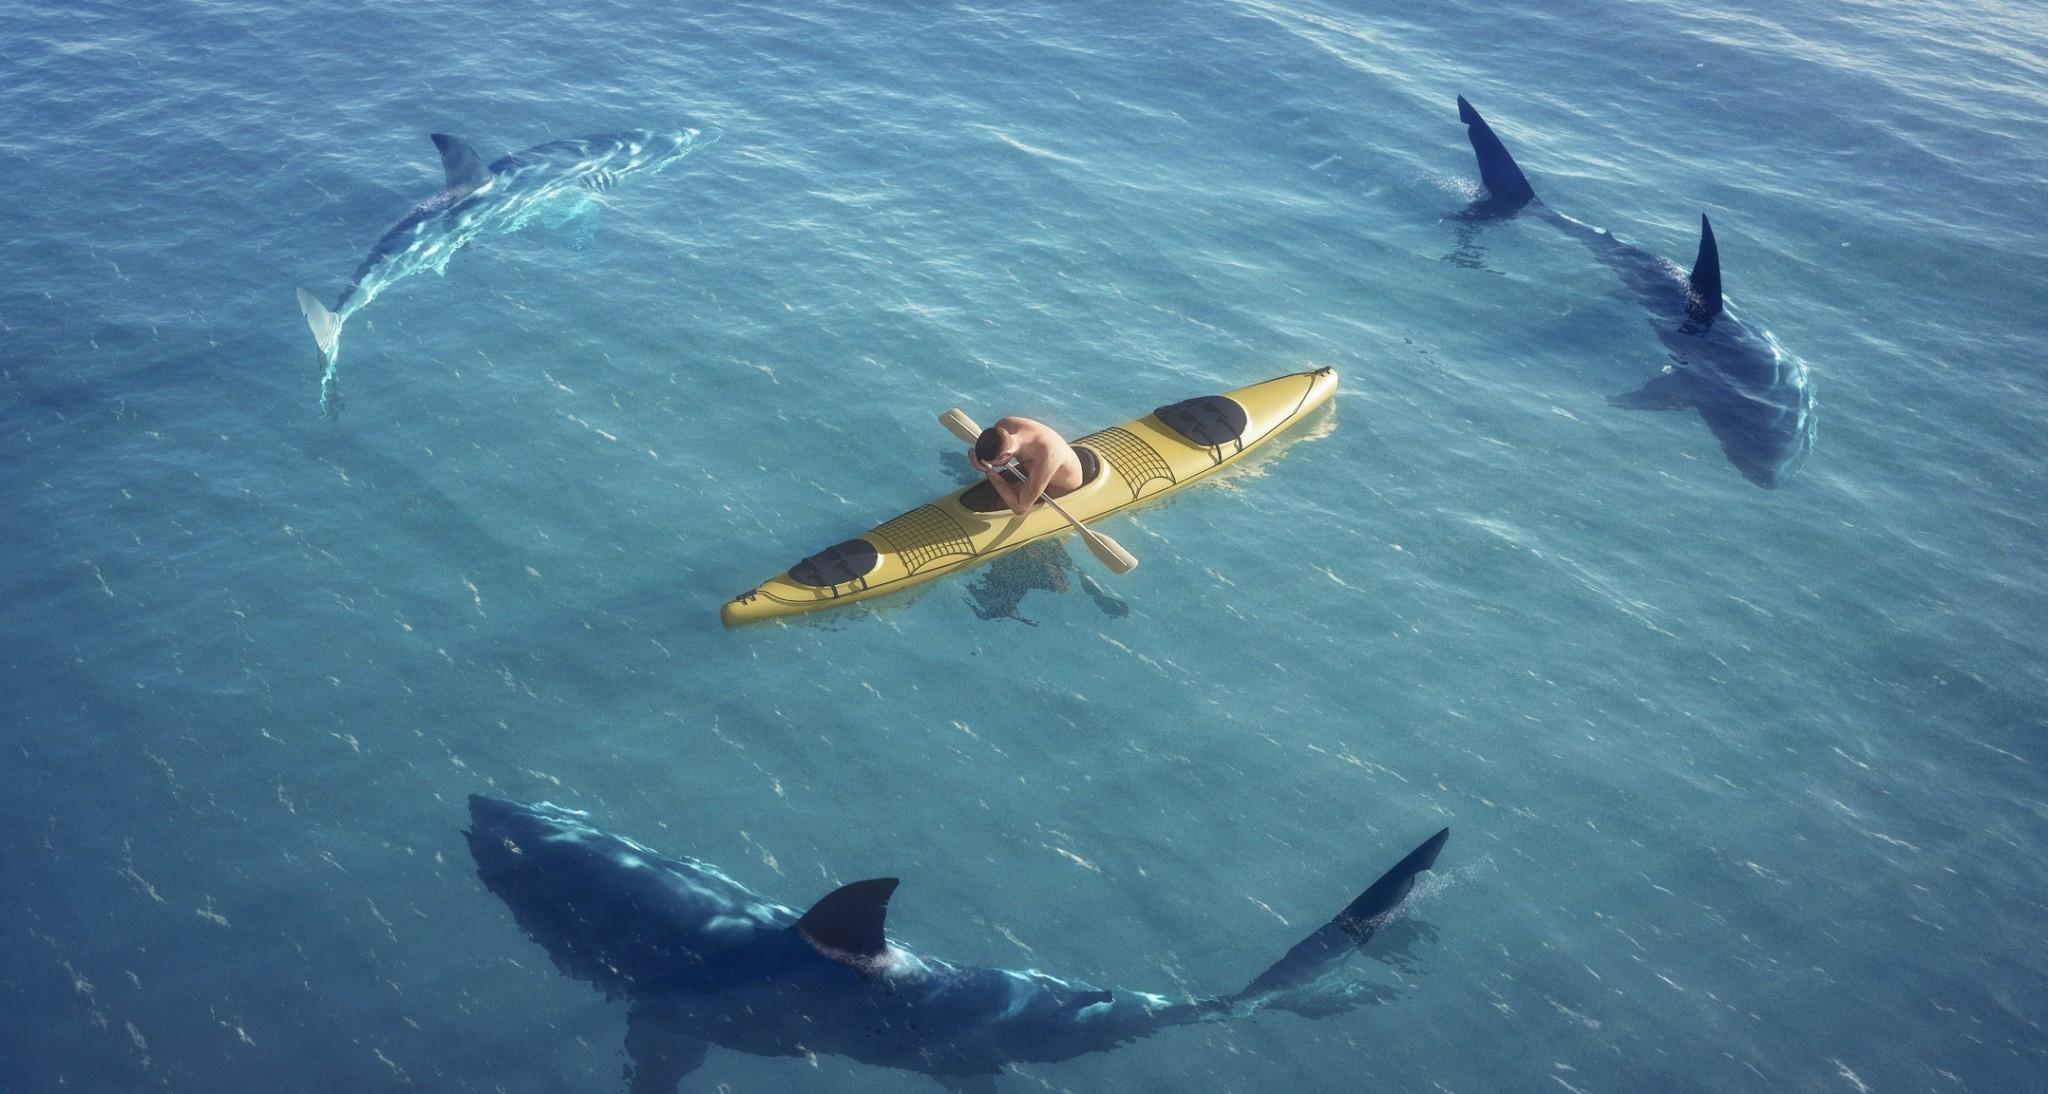 продаю чем можно отпугнуть акулу от лодки одуванчиков